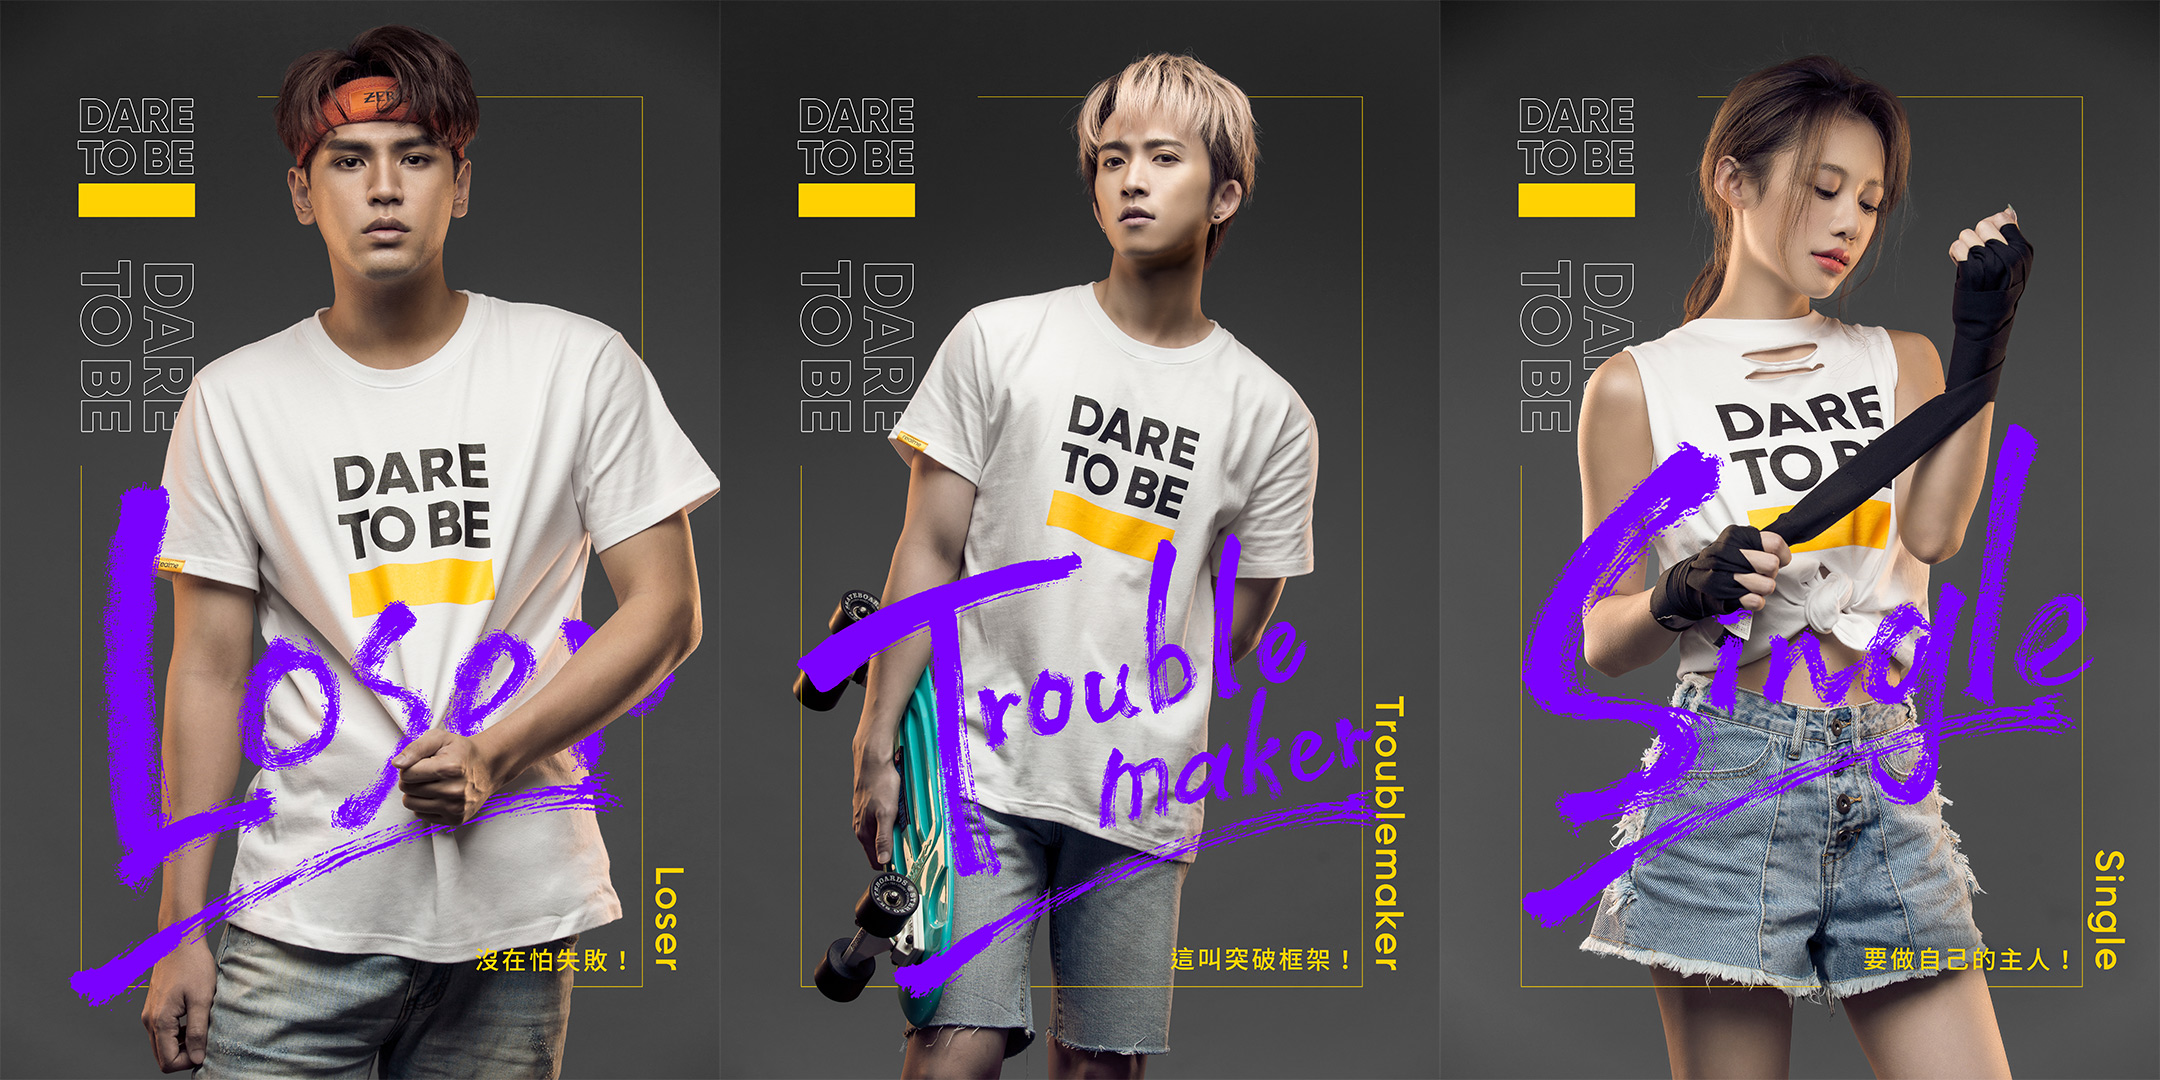 realme粉絲節結合藝人陳零九、邱鋒澤、紀卜心一同發起「Dare to Be__」敢放話活動。